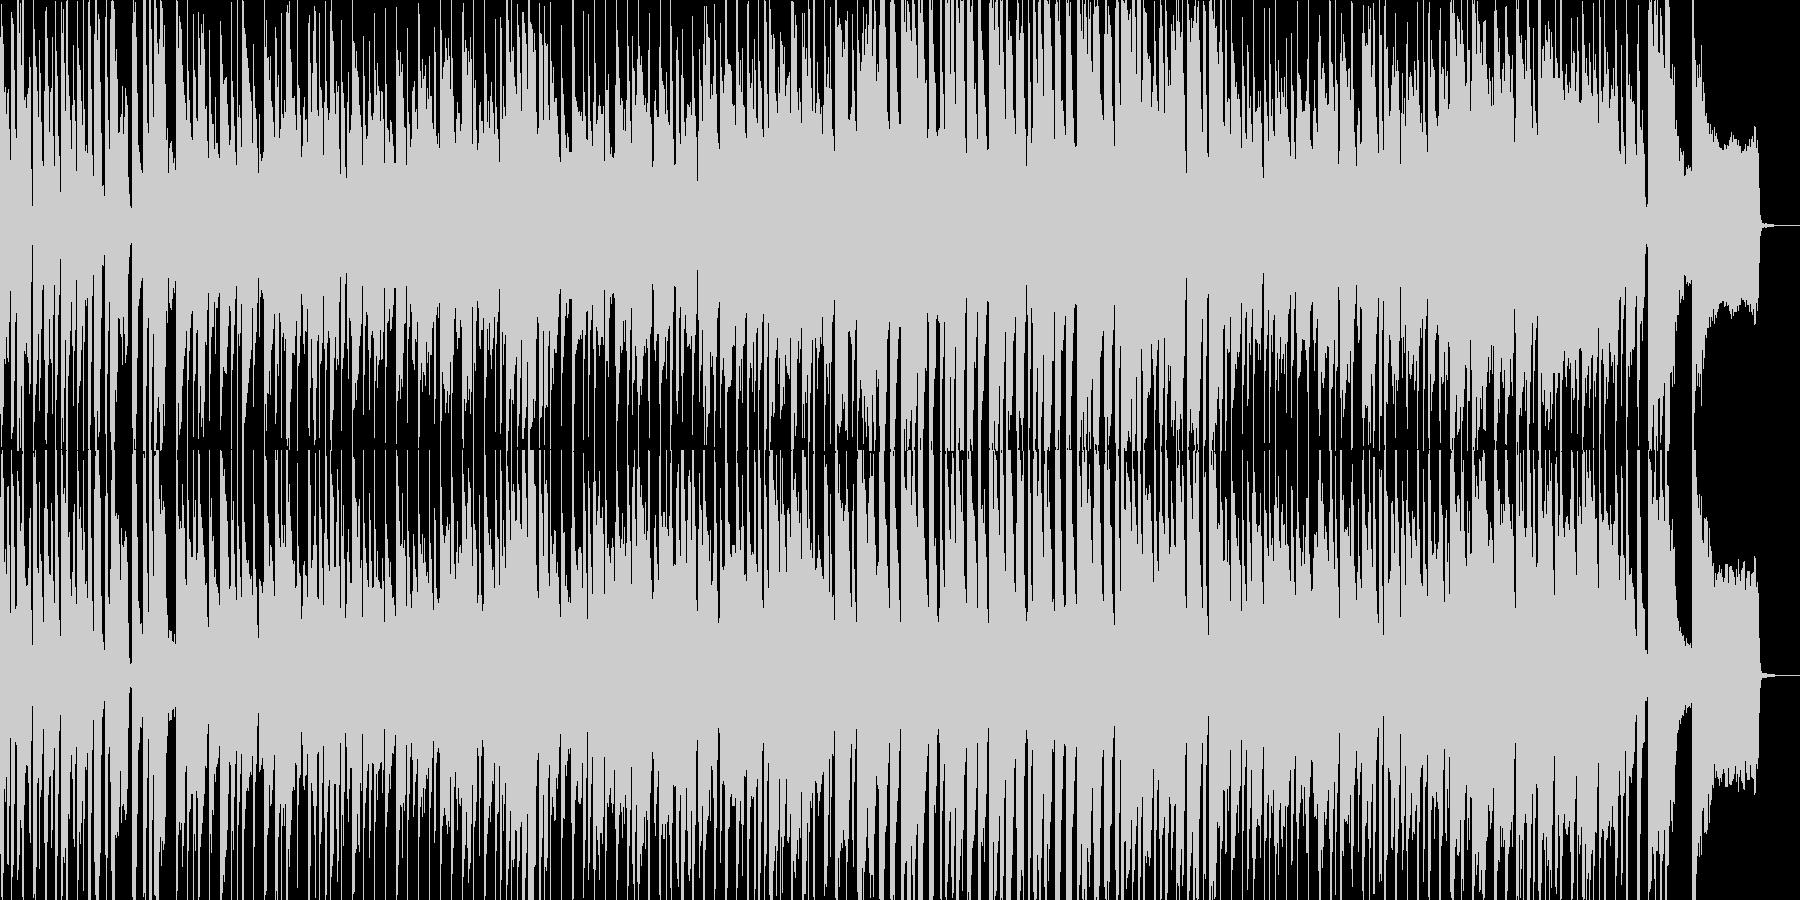 子供の日常をイメージさせるポップな曲の未再生の波形